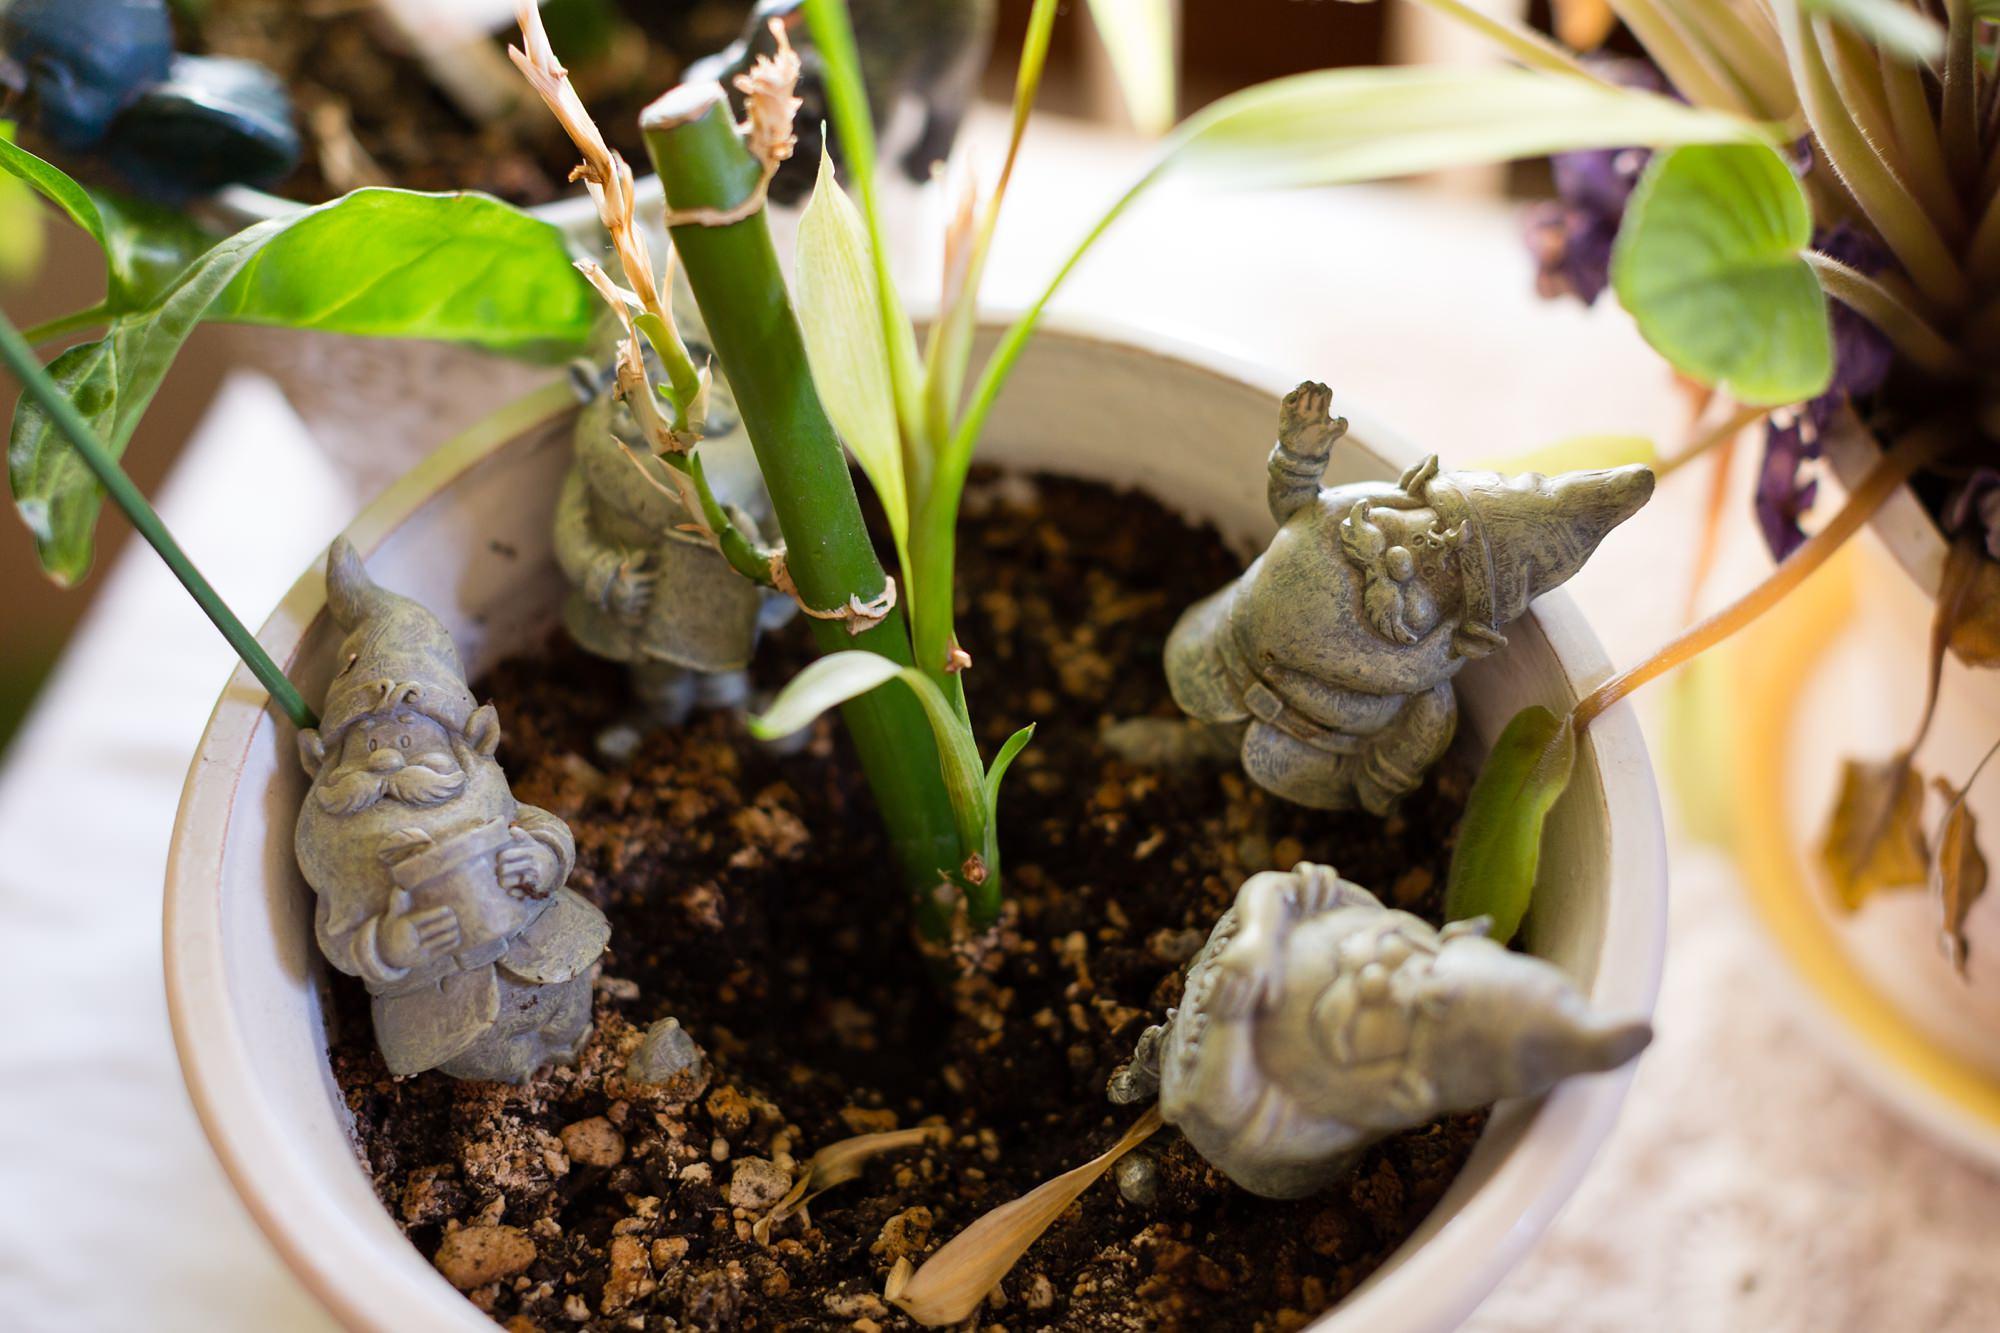 Gnomes in plant pot